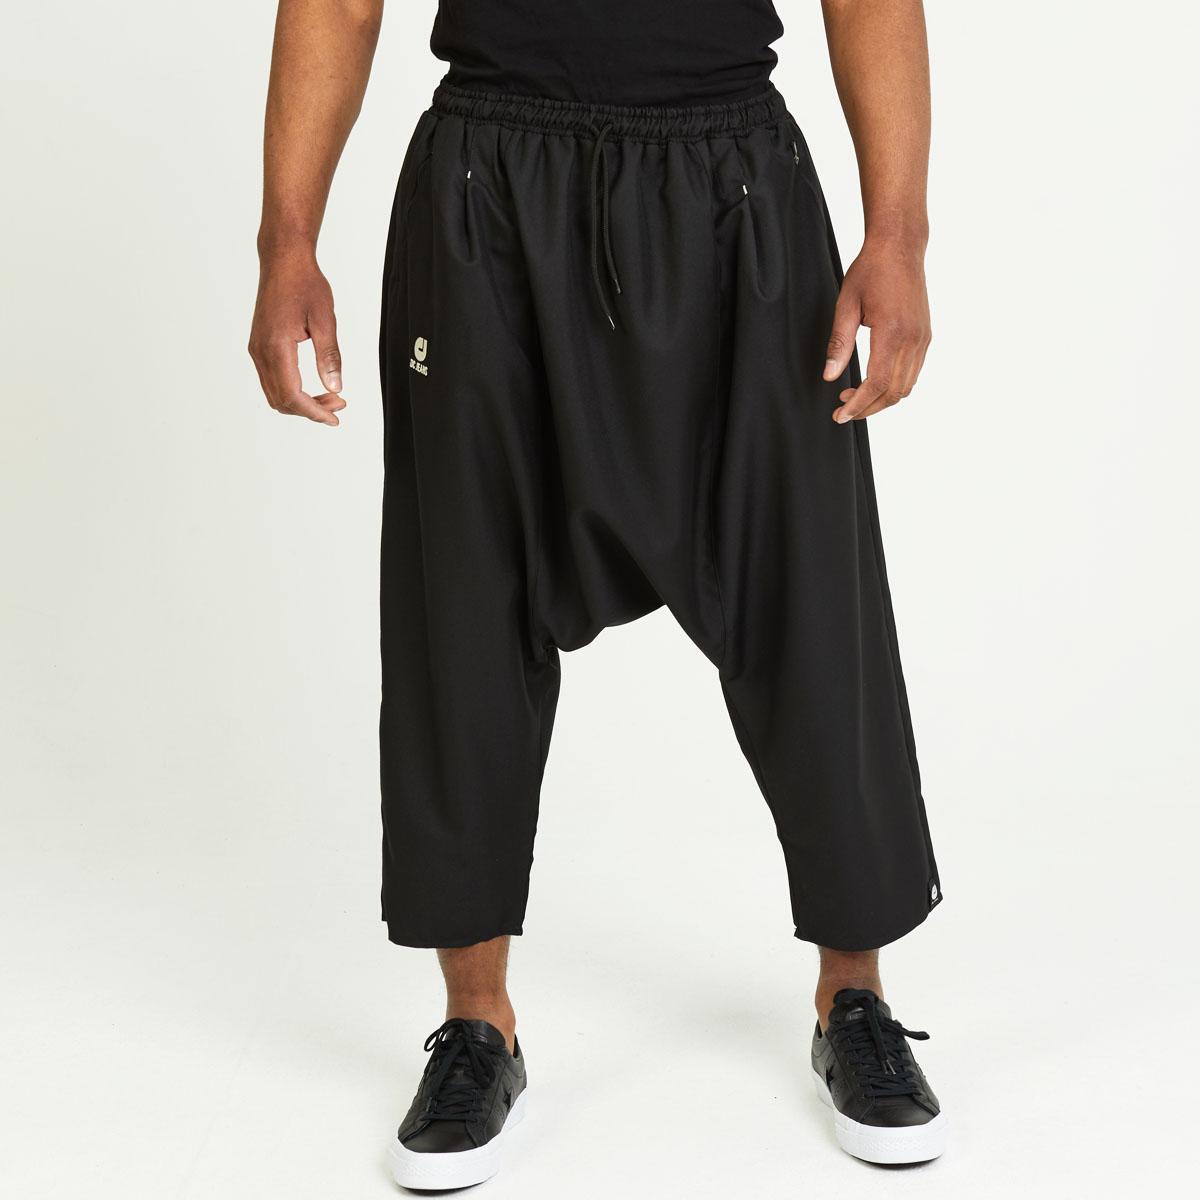 4d19171bc4c38 Saroual Classic COS Noir - DCJeans ® - sarouel & clothing - site ...